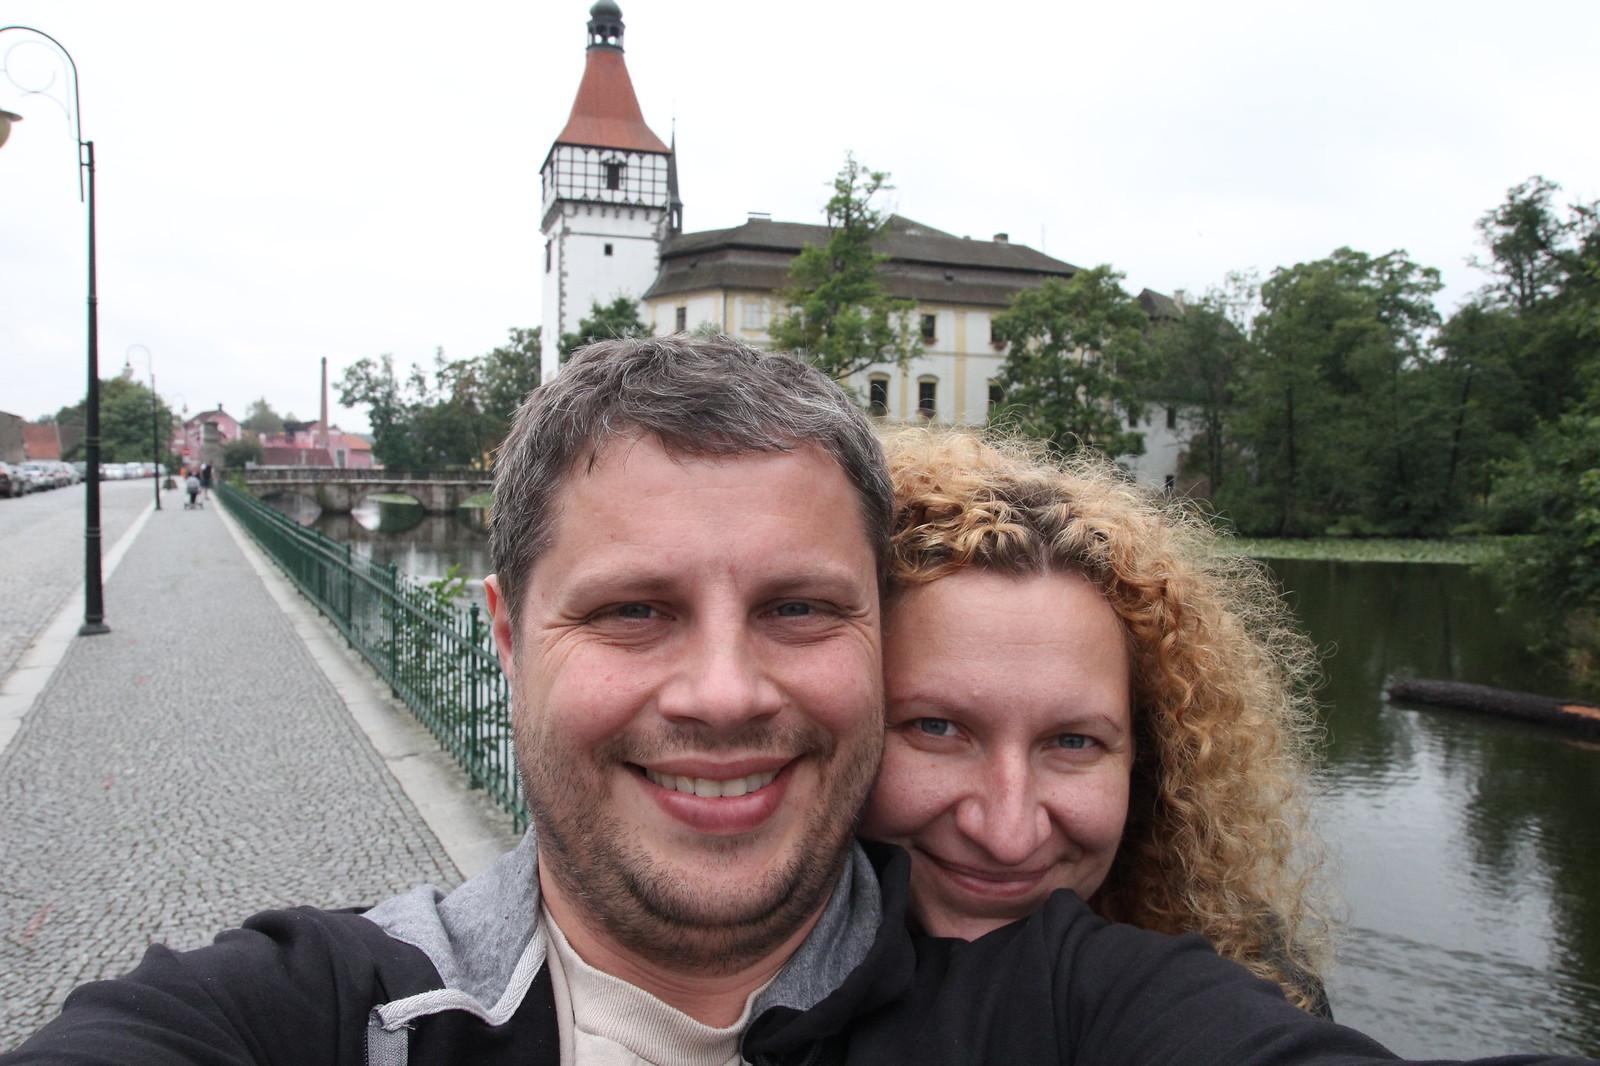 Čia Vis dar Čekijoje kokiame tai Blatna miestelyje.